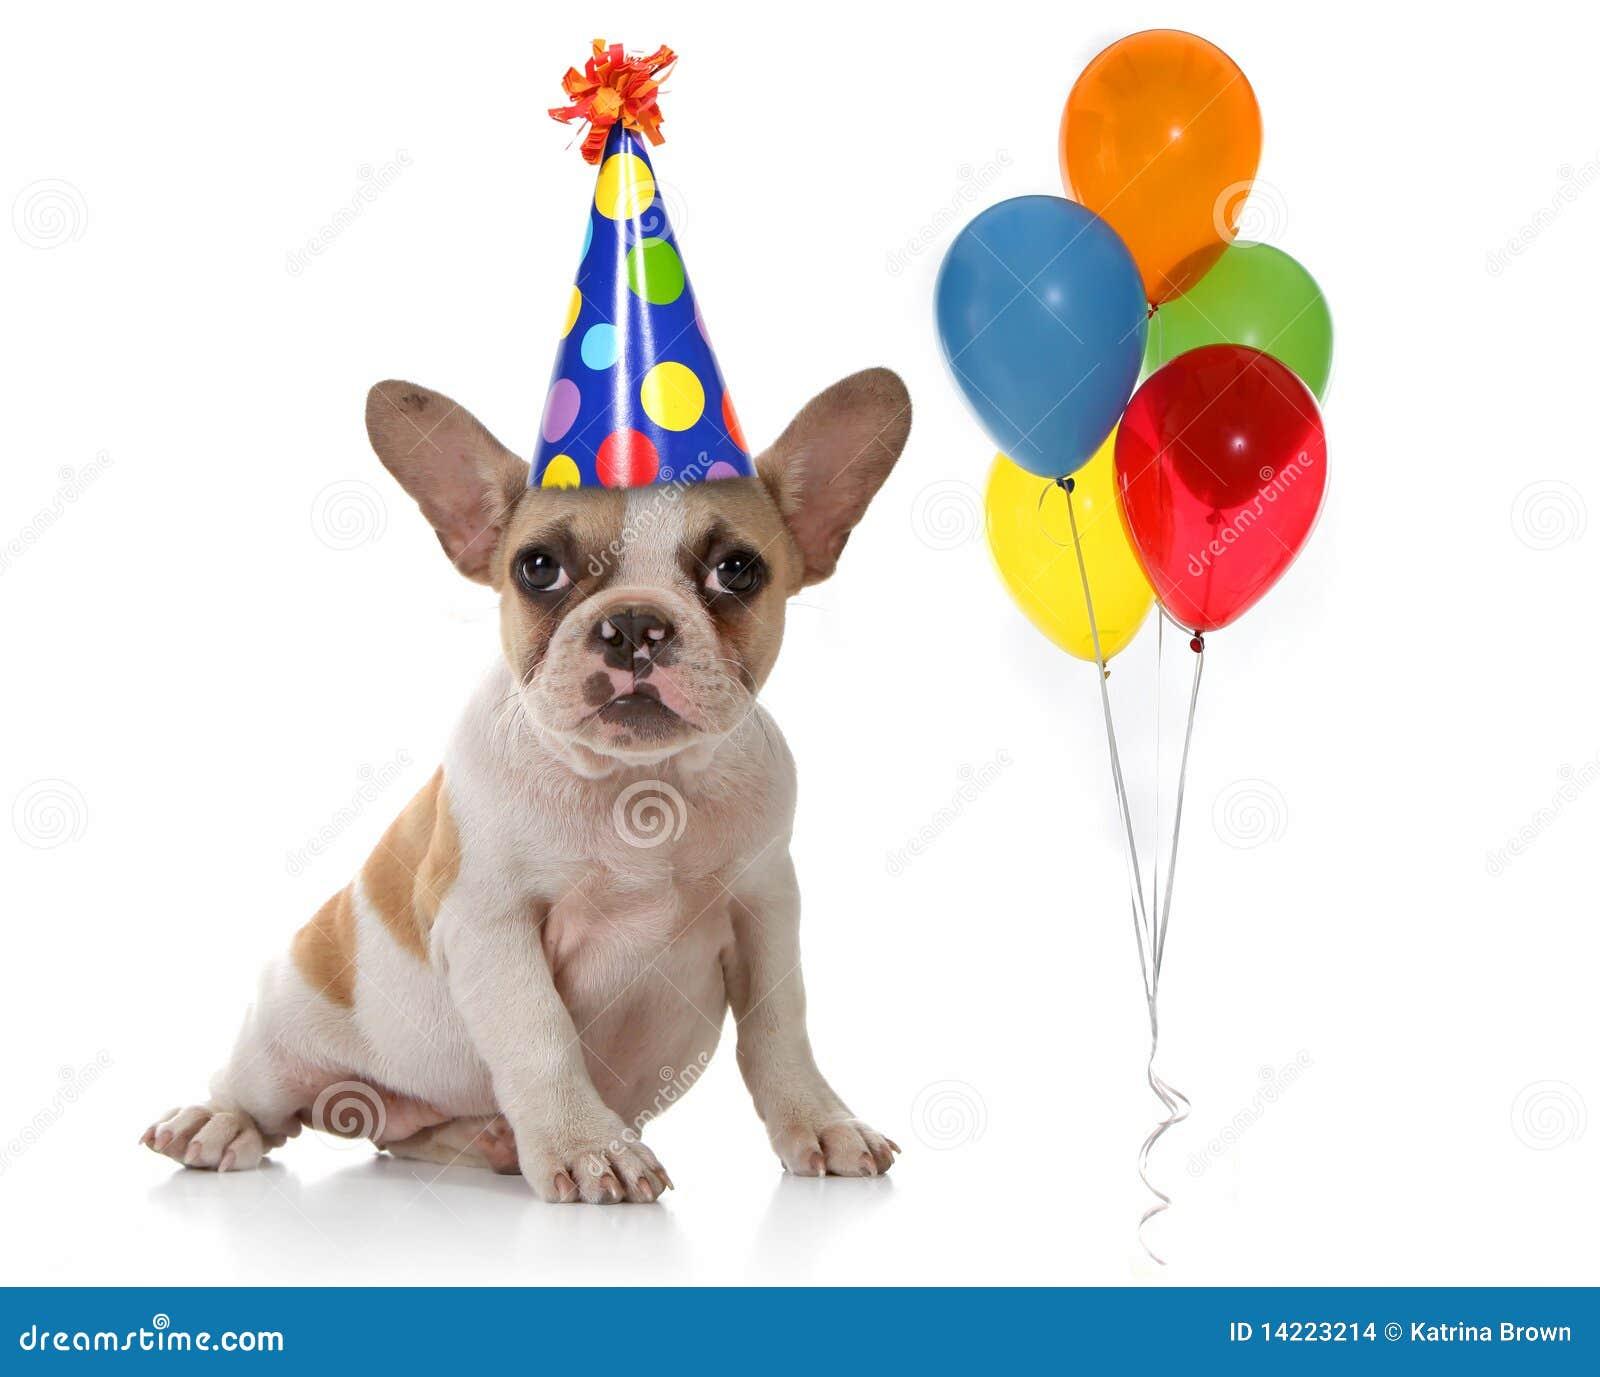 Открытка с днём рождения ветеринару